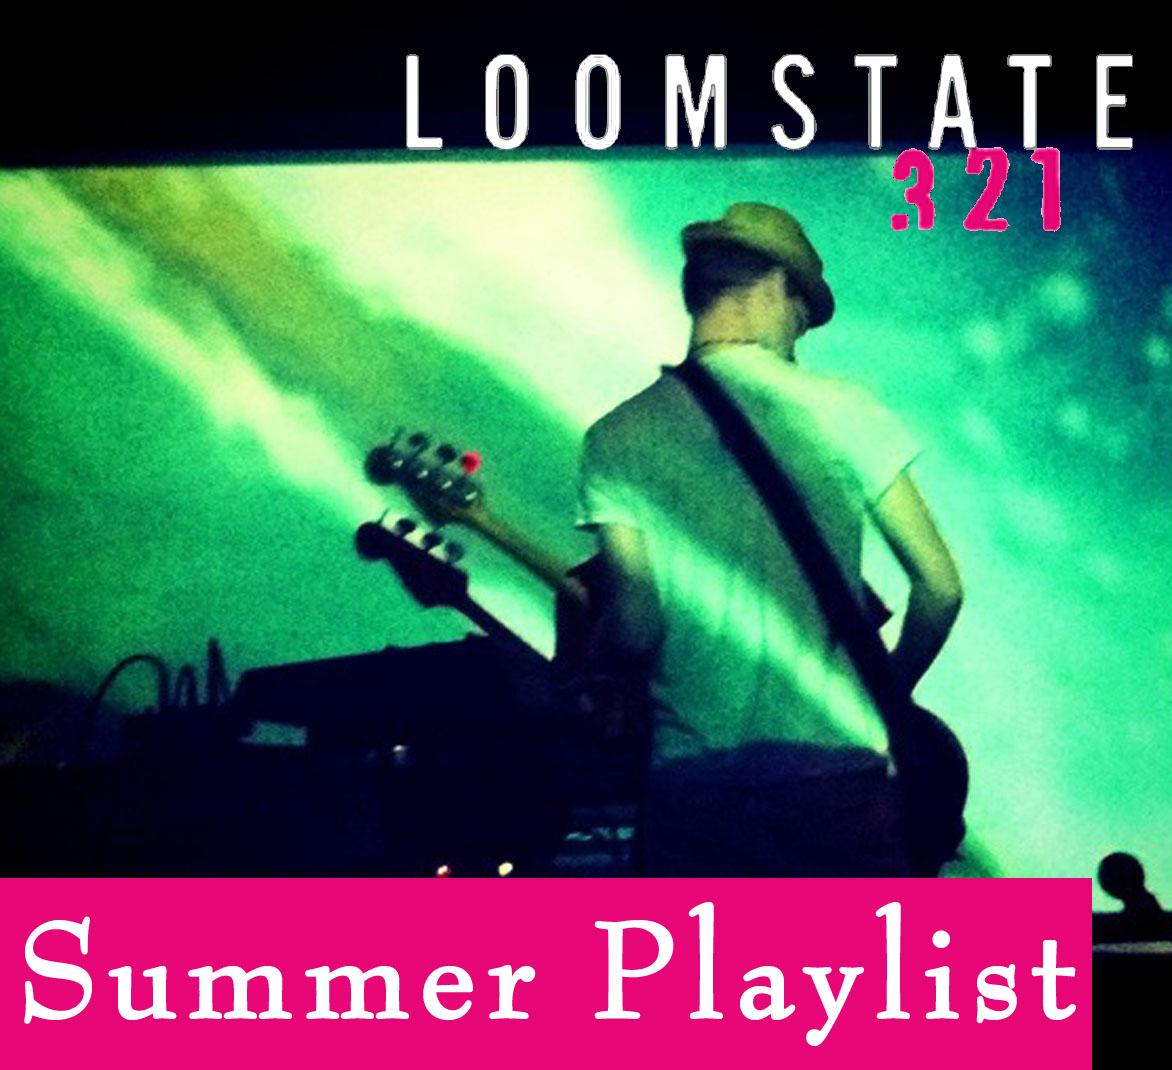 http://4.bp.blogspot.com/-u3Bh8uMLBW8/UBgo7lD9GKI/AAAAAAAAAZ8/Xg4-hbVtejM/s1600/loomstate-321-summer-playlist.jpg